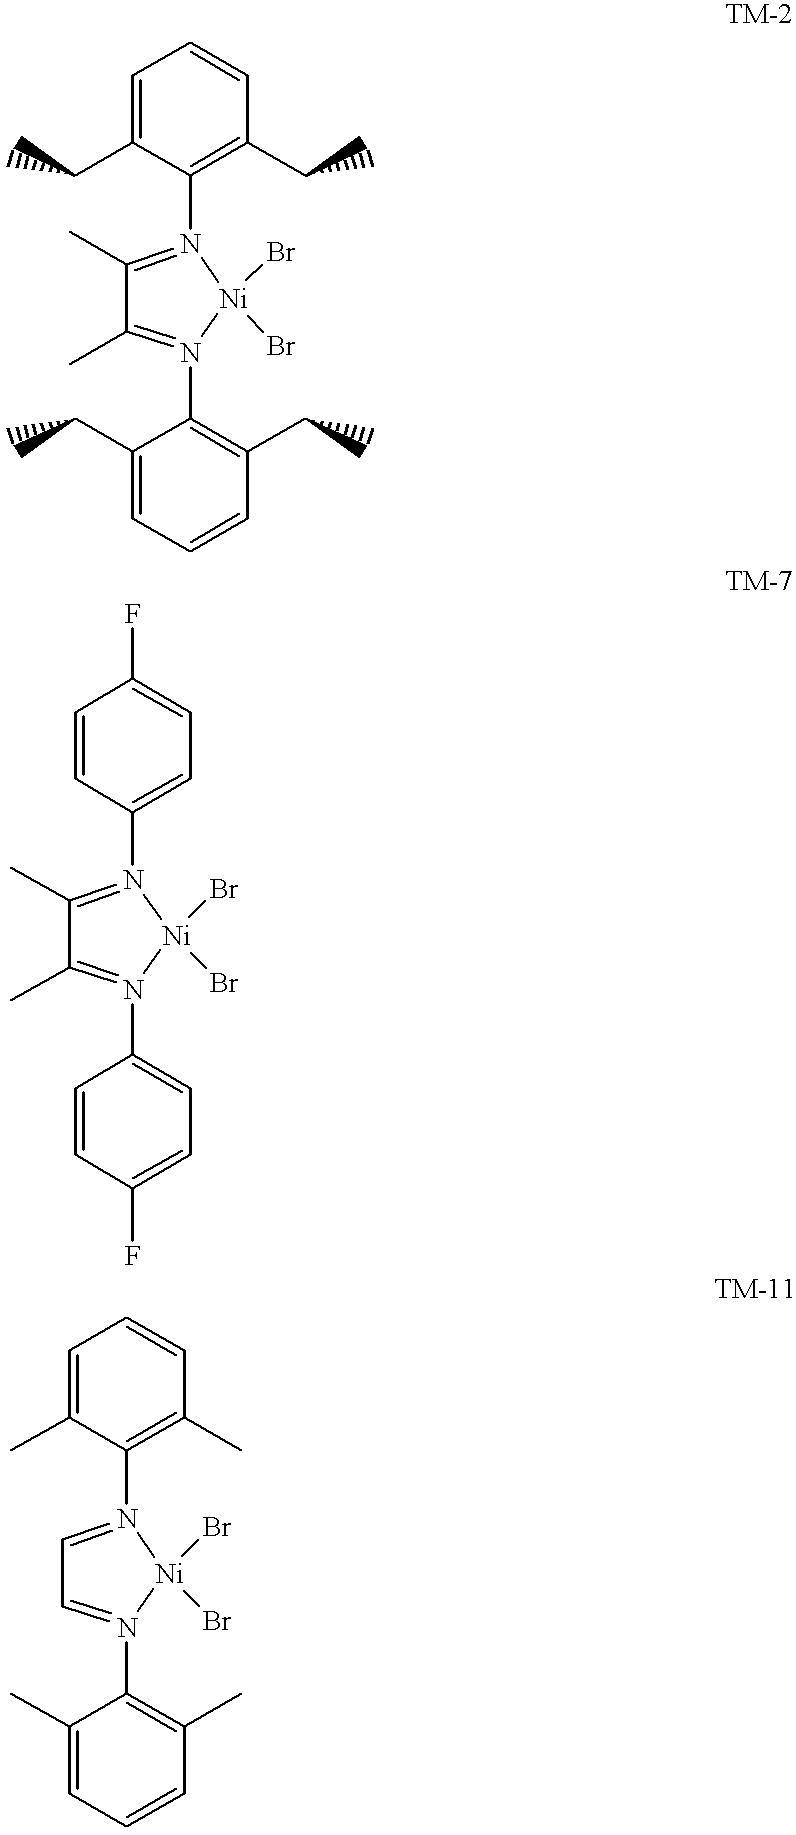 Figure US06194341-20010227-C00004